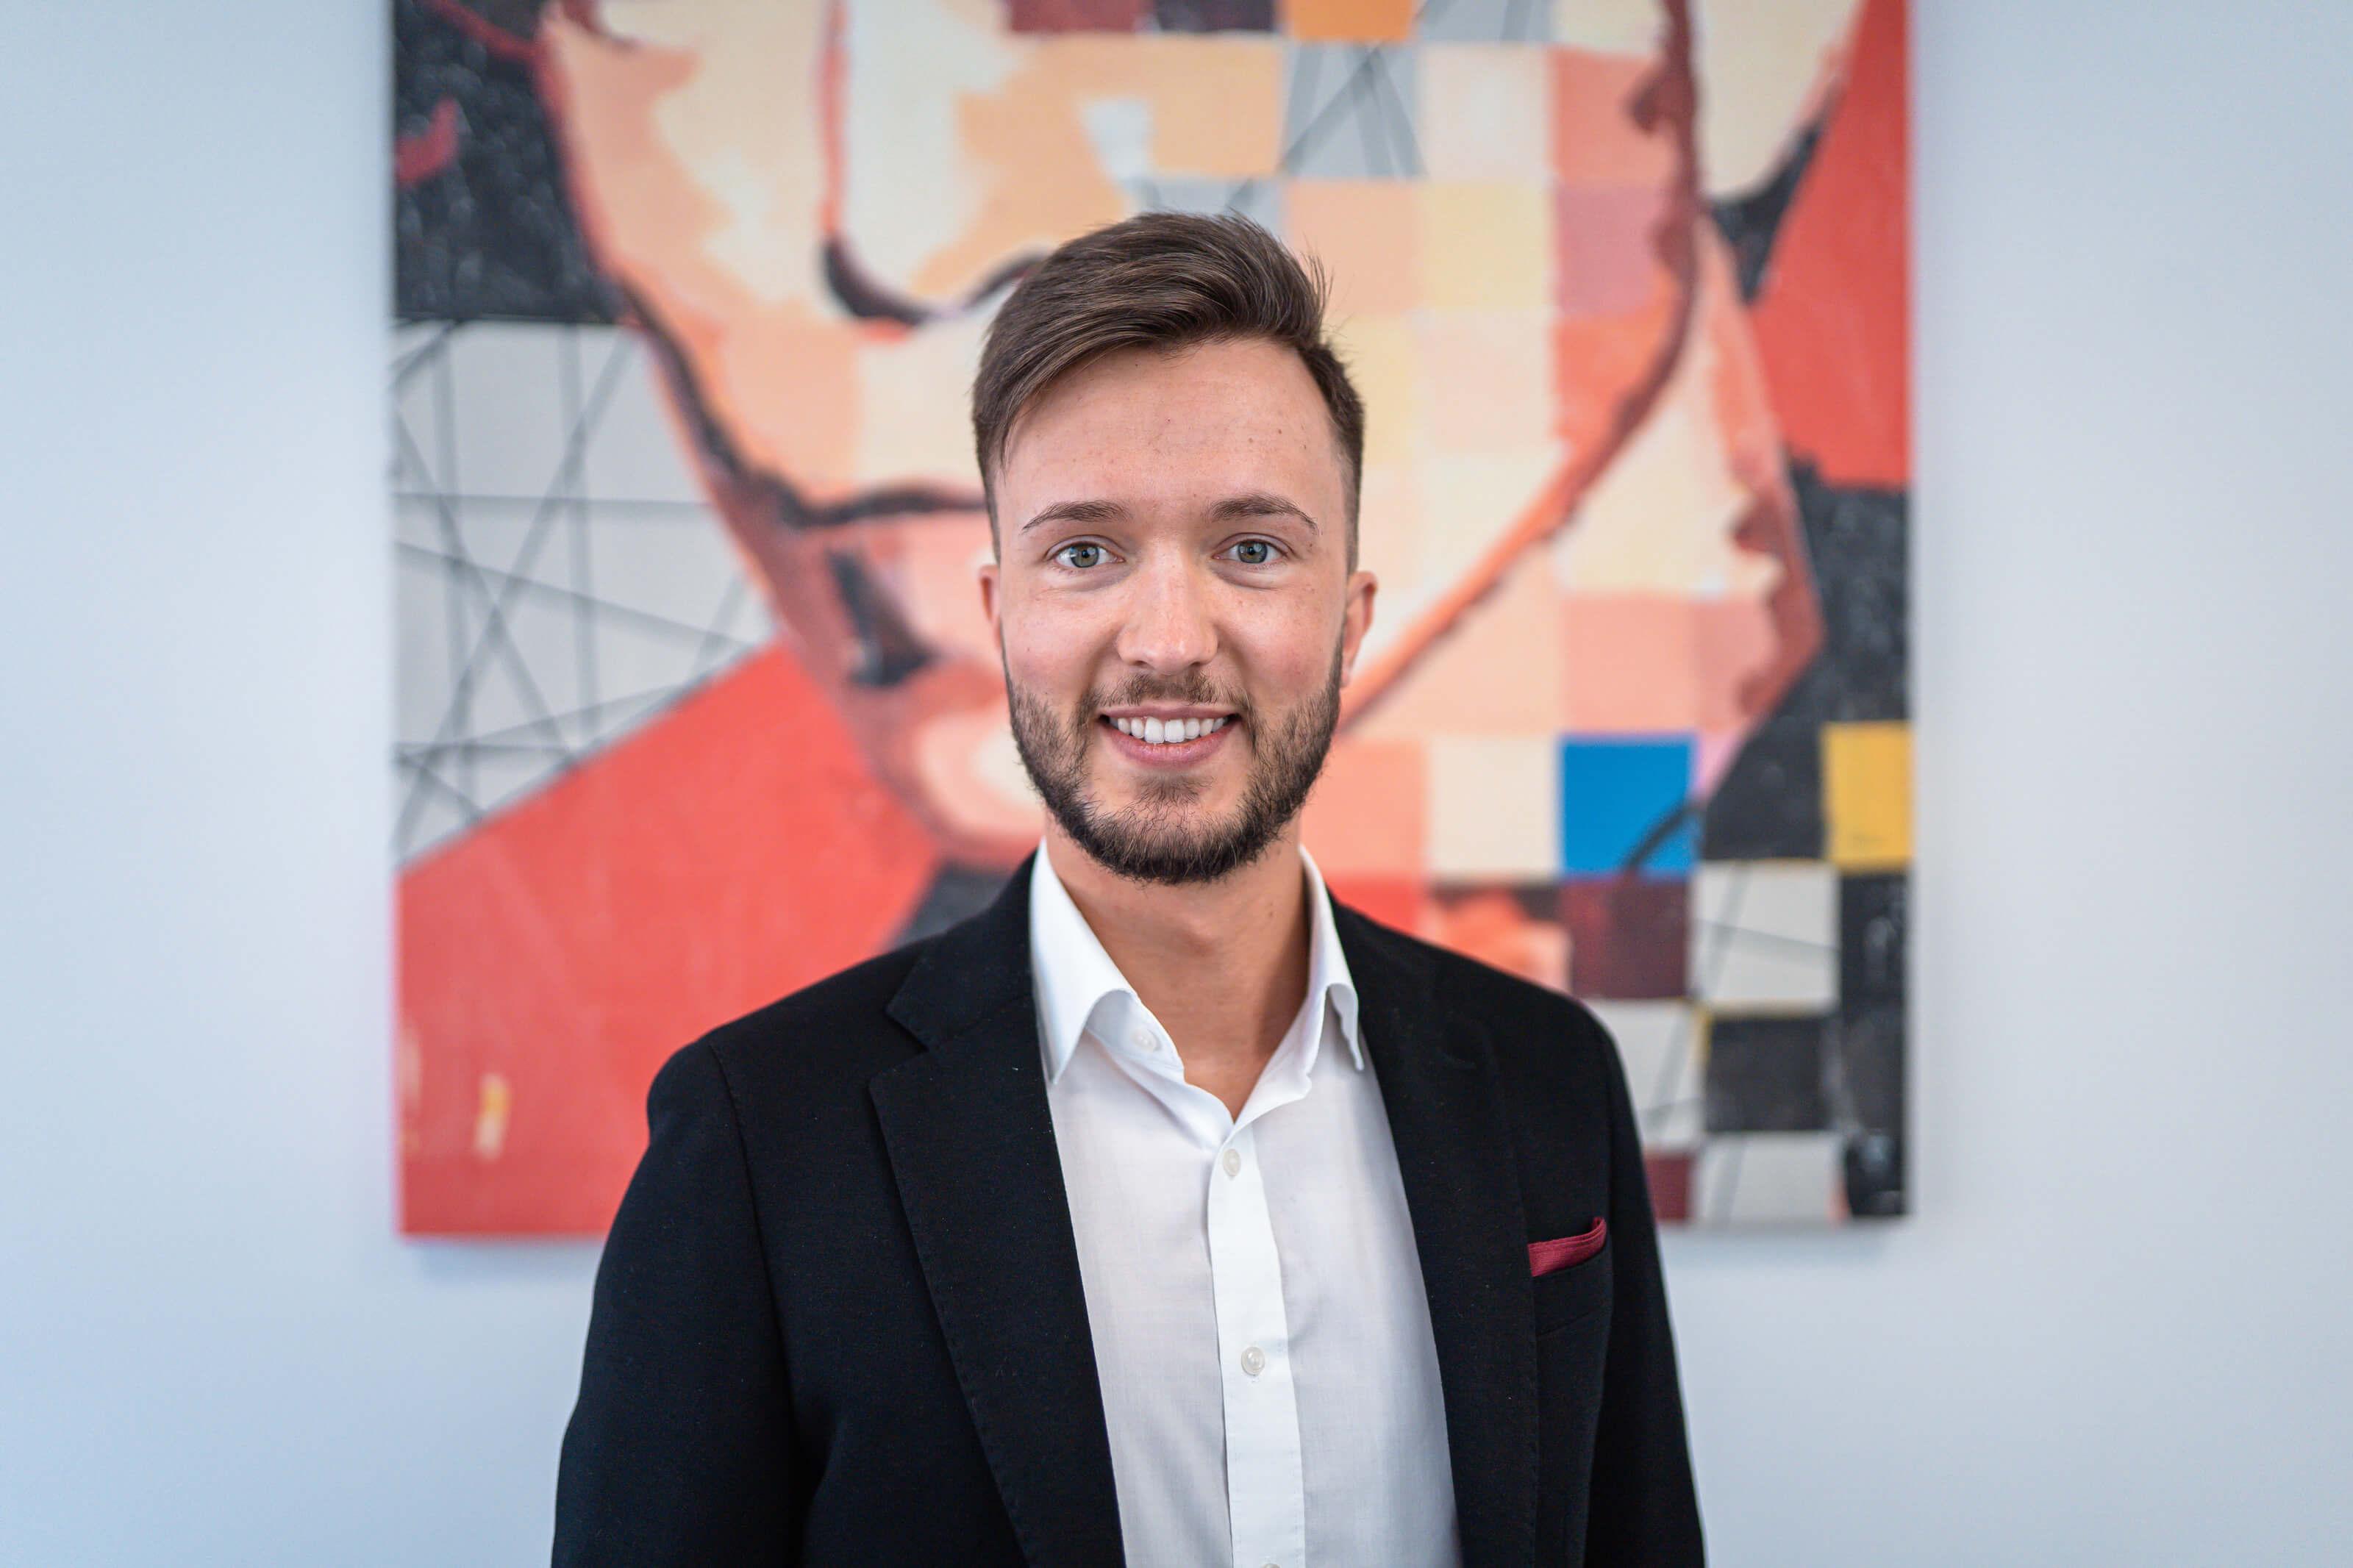 Philipp Theobald, verantwortlich für den Immobilienverkauf in den Regionen Ottweiler und St. Wendel steht im Büro vor einem bunten Kunstwerk